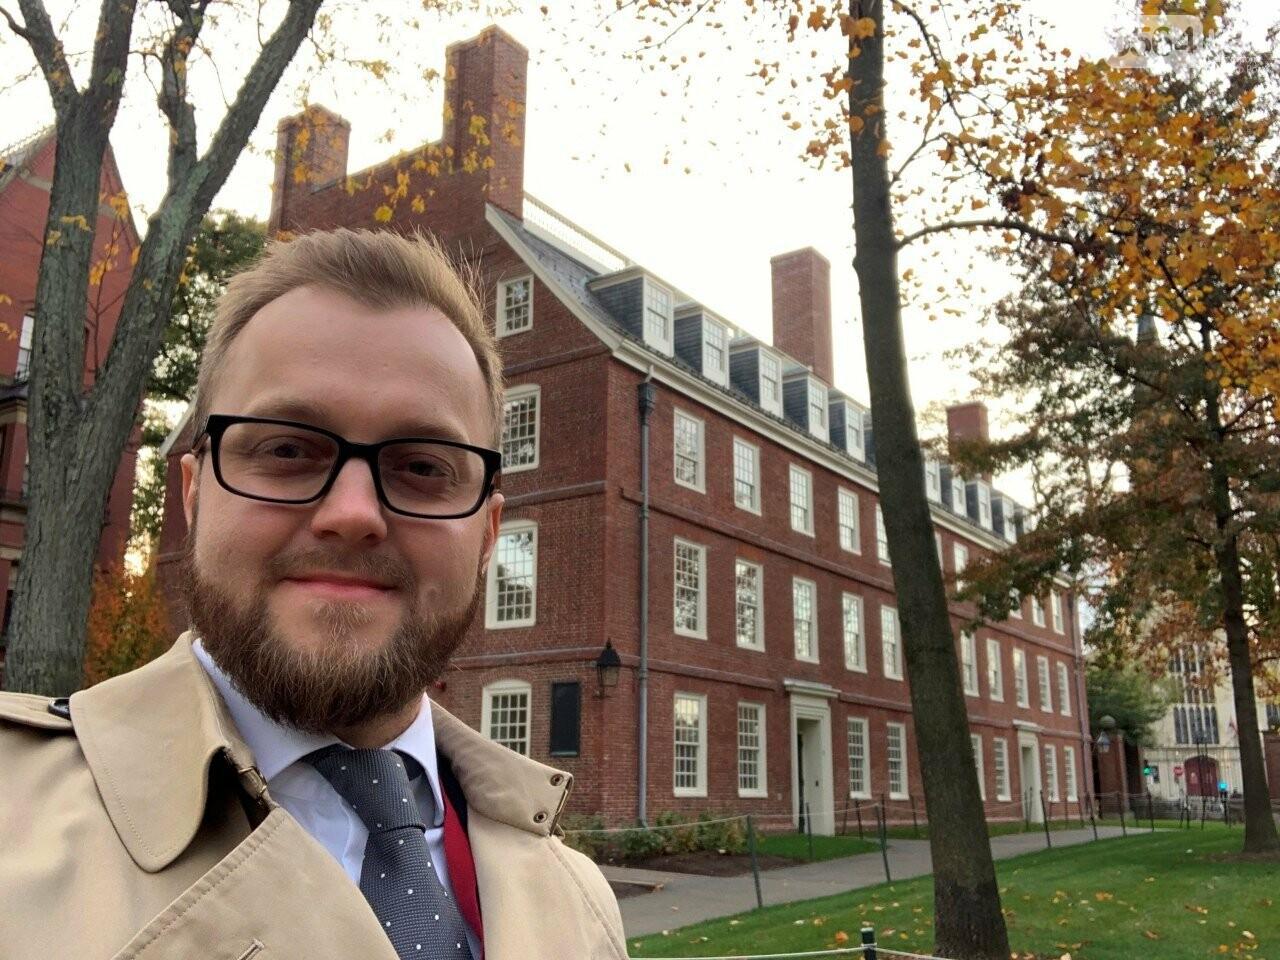 Константин Усов уехал в США на учебу в Гарвардский университет, и после окончания программы возвращается в Кривой Рог,  - ФОТО, фото-3